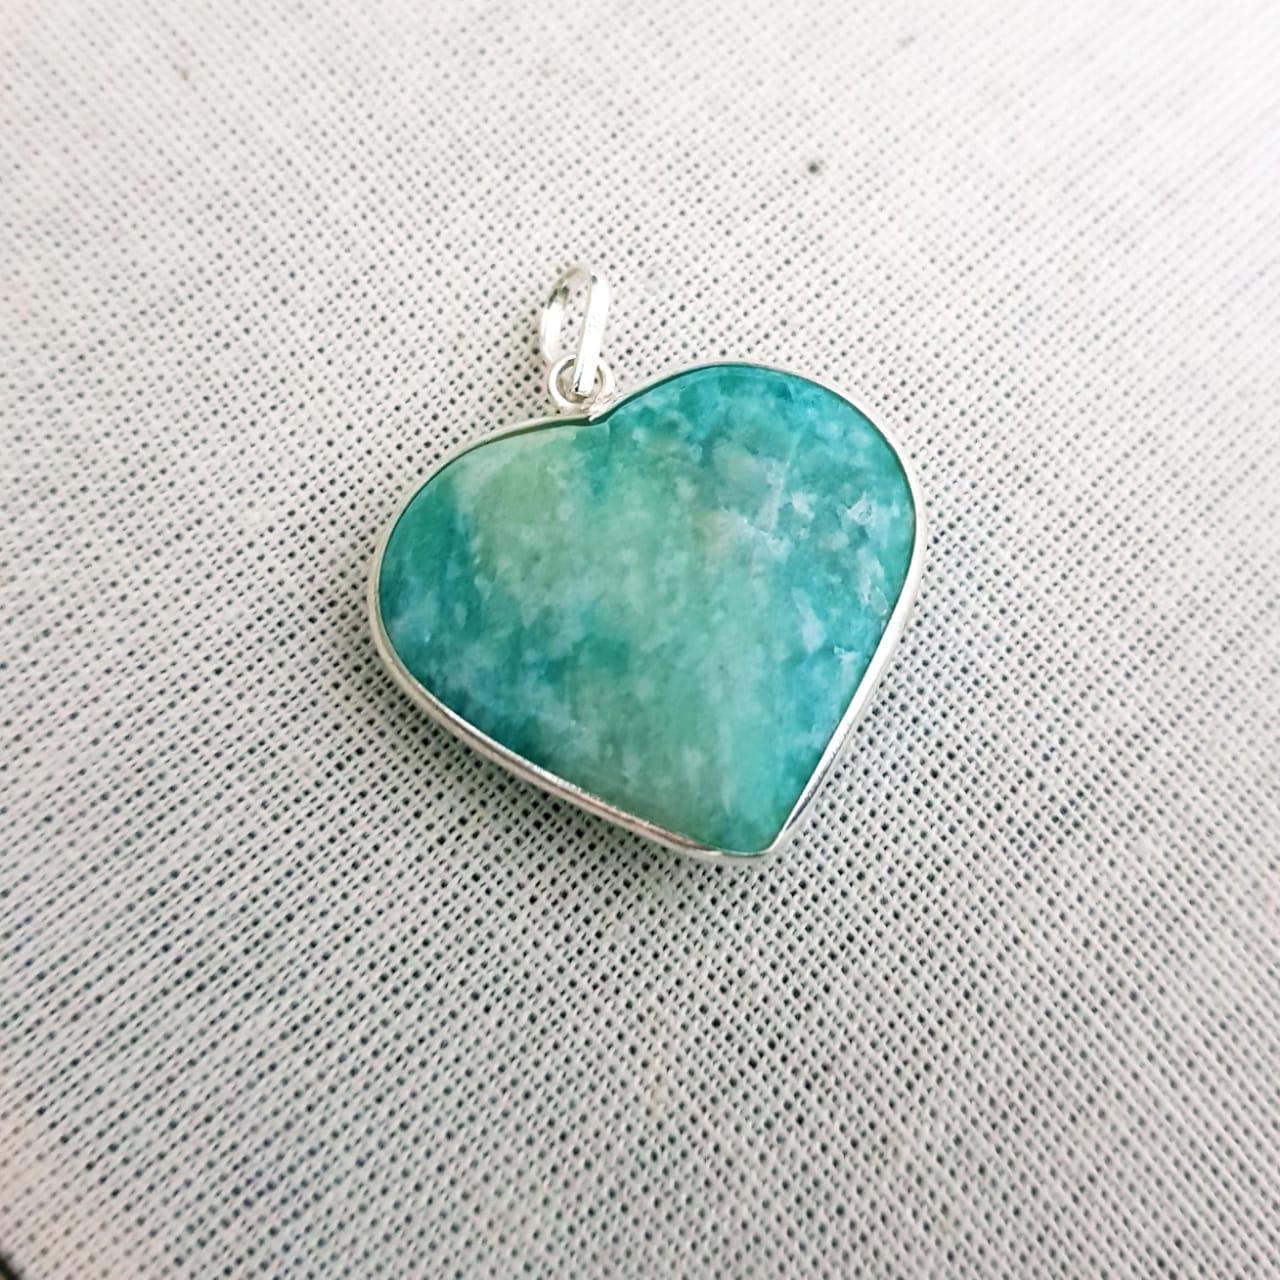 Pingente de Prata Coração de Pedras Naturais